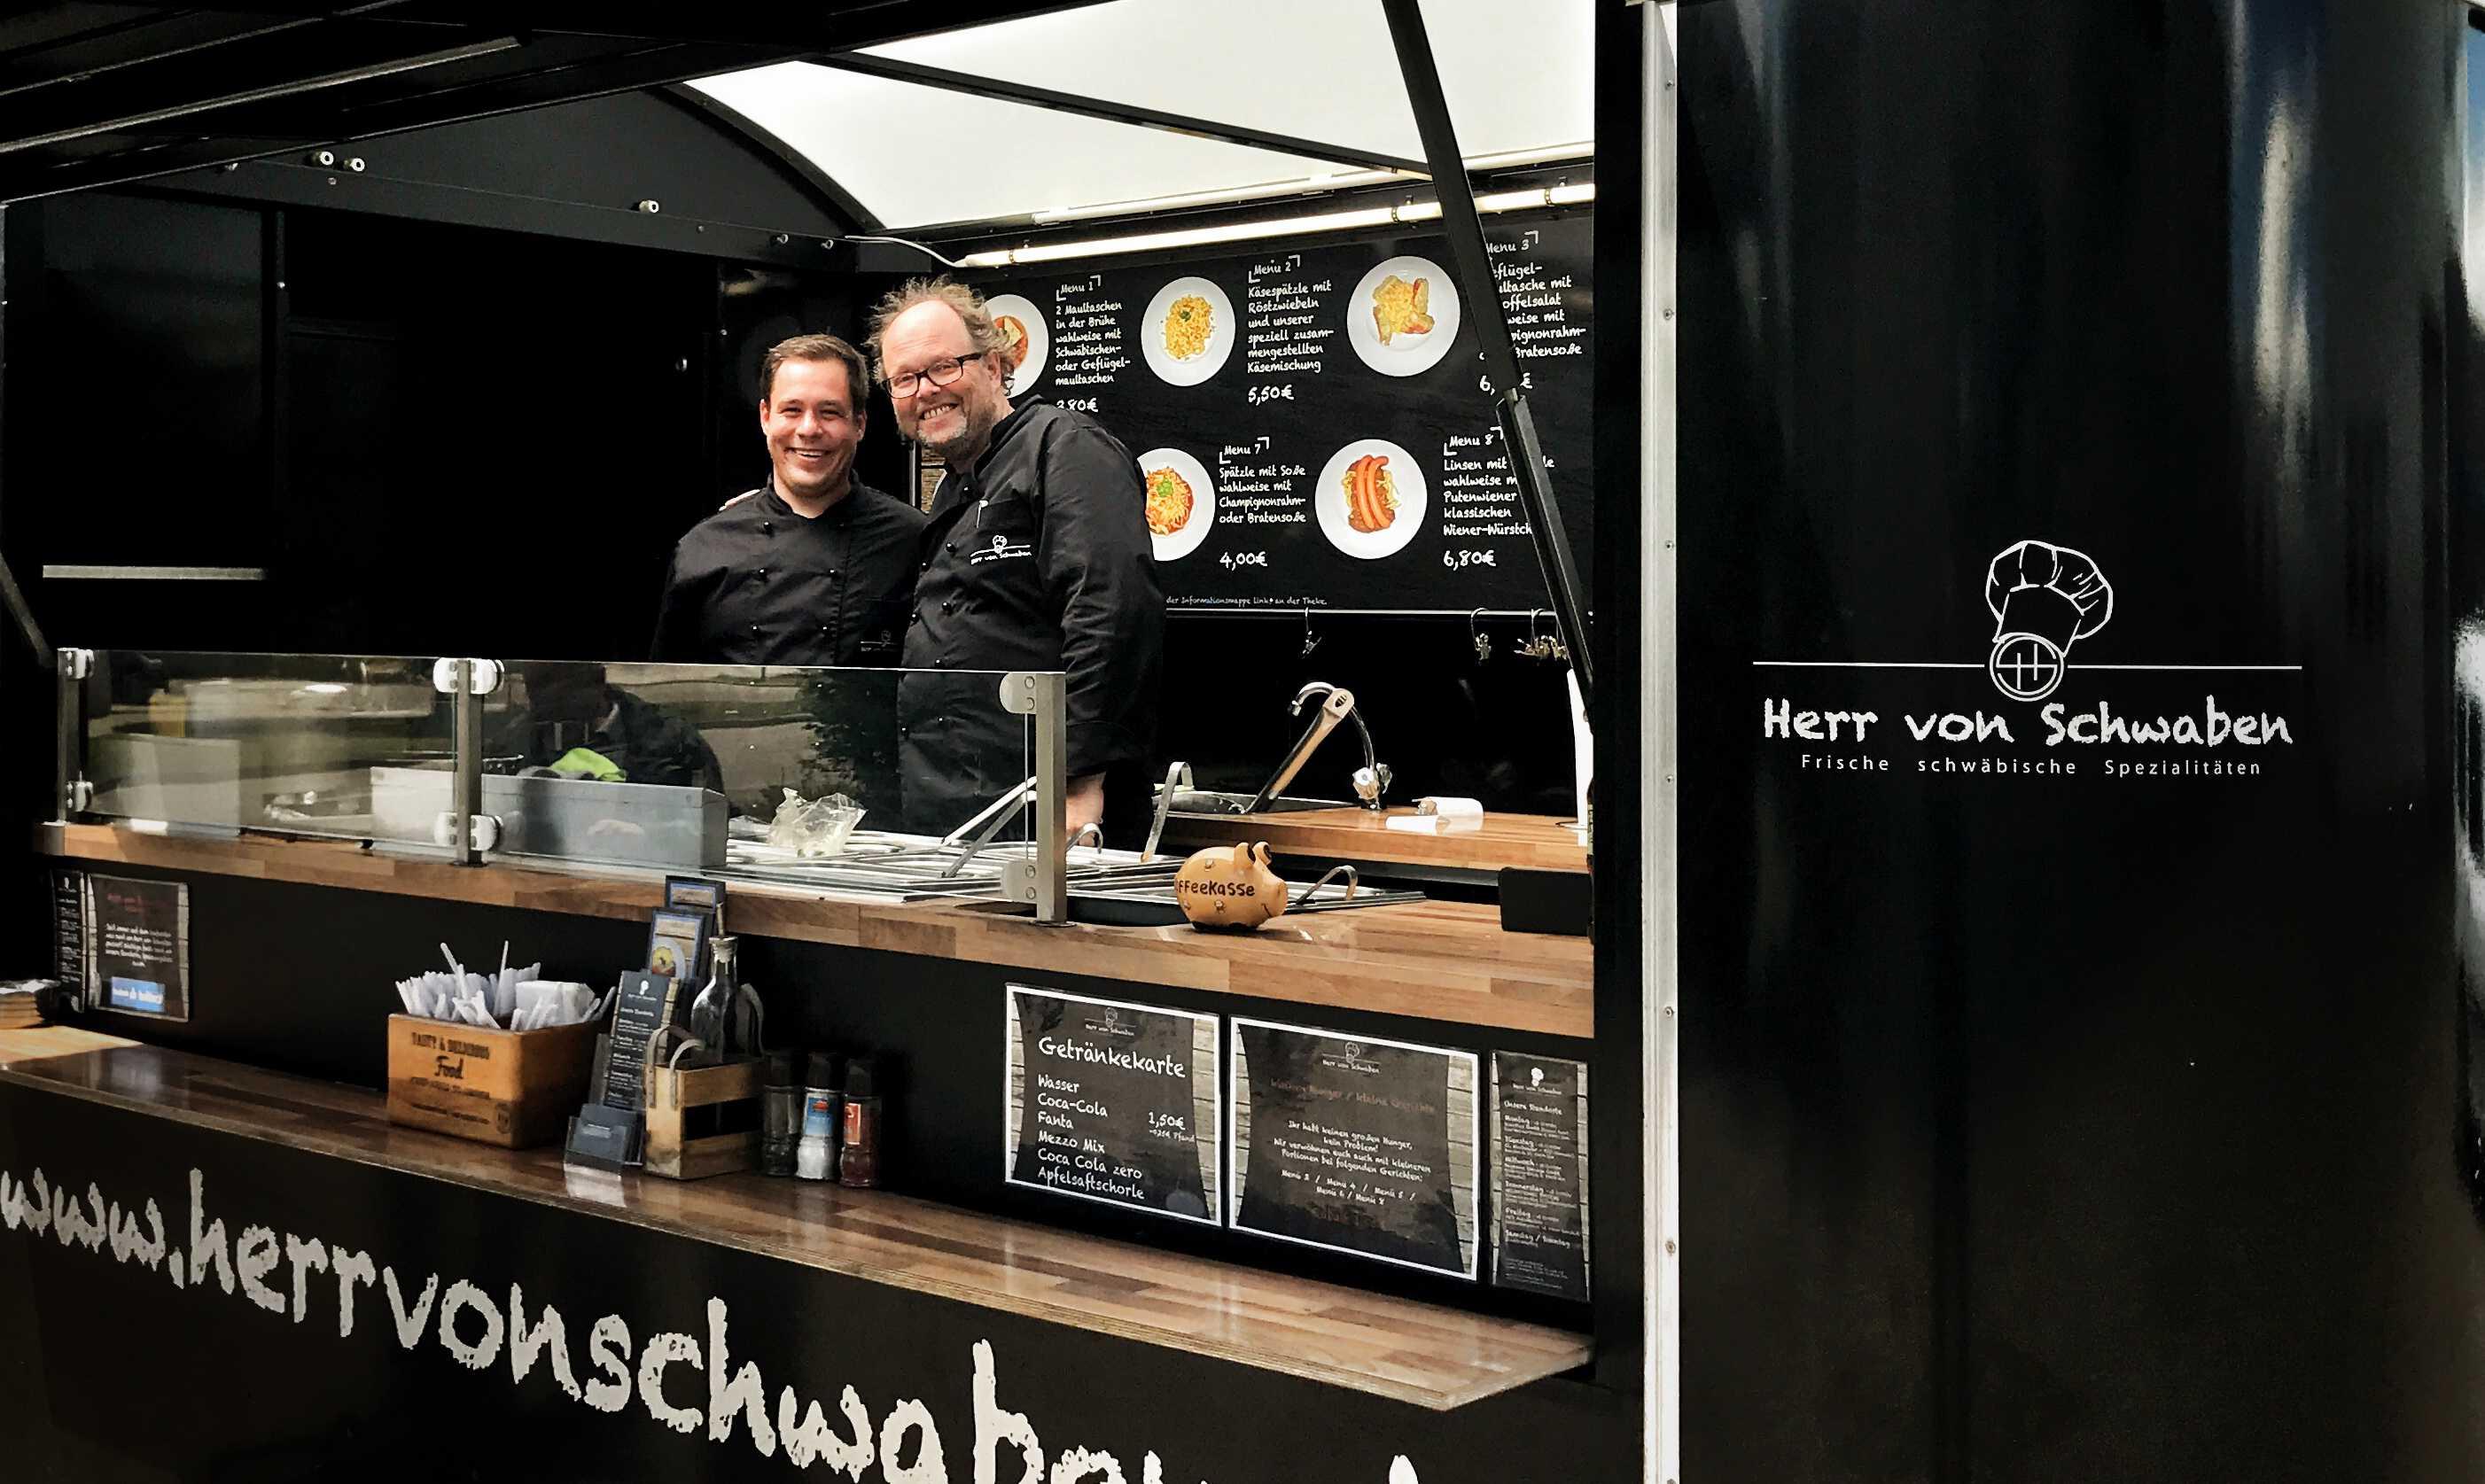 Food-Truck-Konzept Herr von Schwaben: Nun kommen die leckeren schwäbische Spezialitäten auch nach Bayern